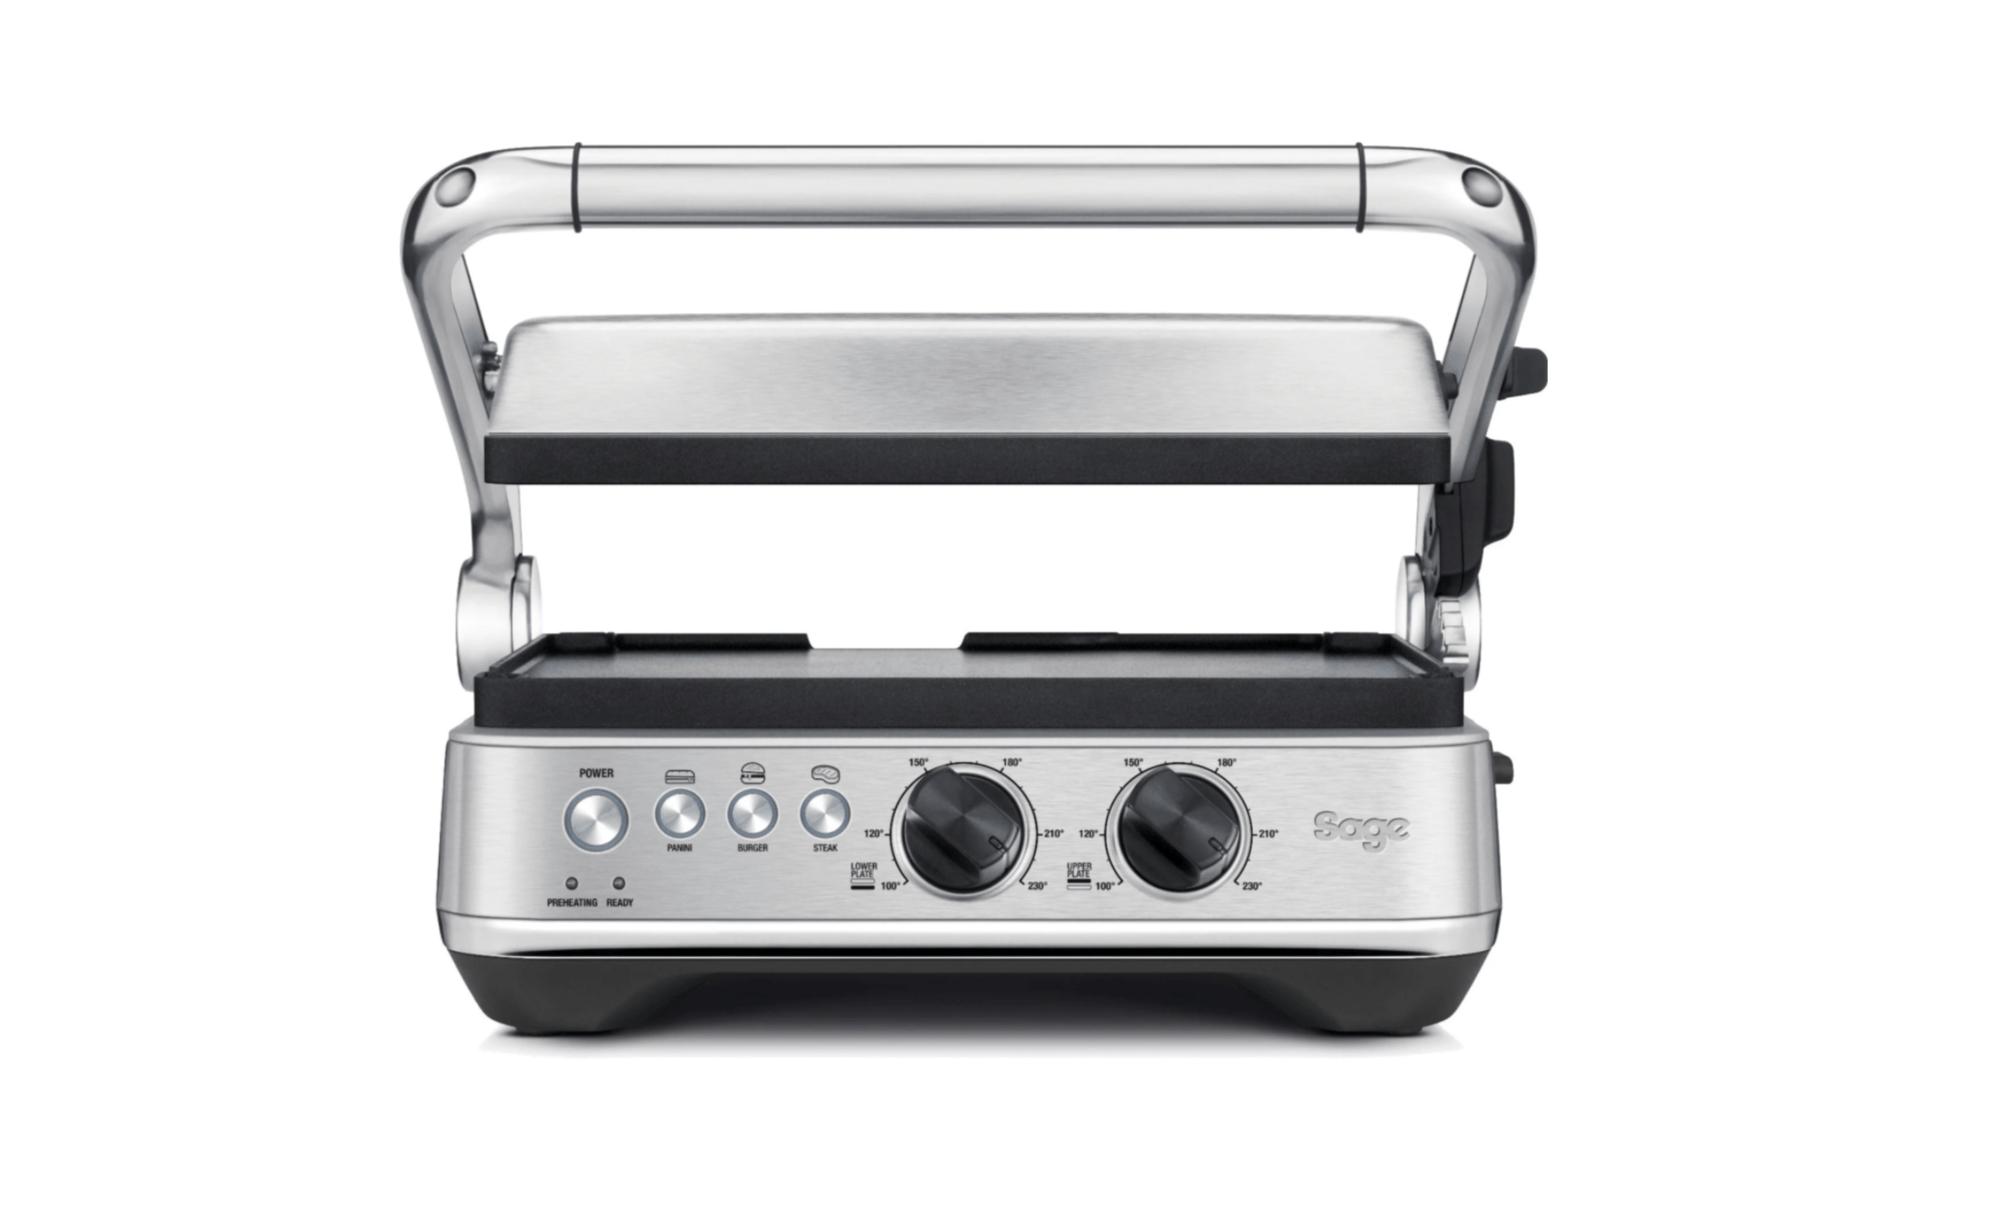 Sage SGR700 The BBQ & Press Grill